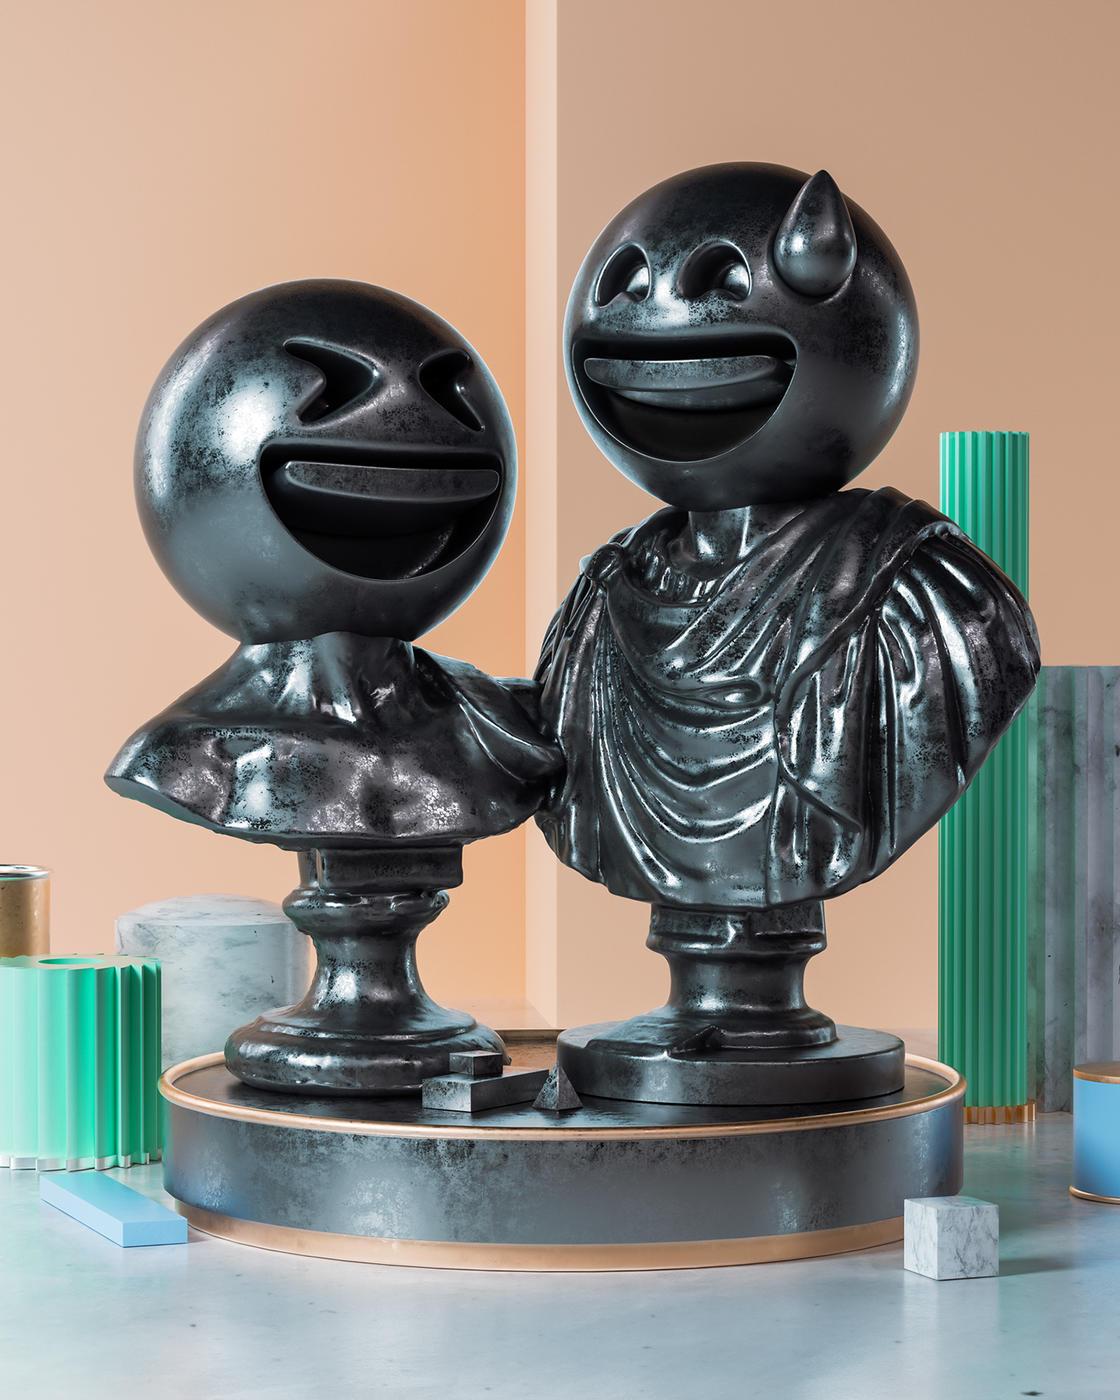 Sculptmojis, quando emoji e scultura classica si incontrano | Collater.al 3